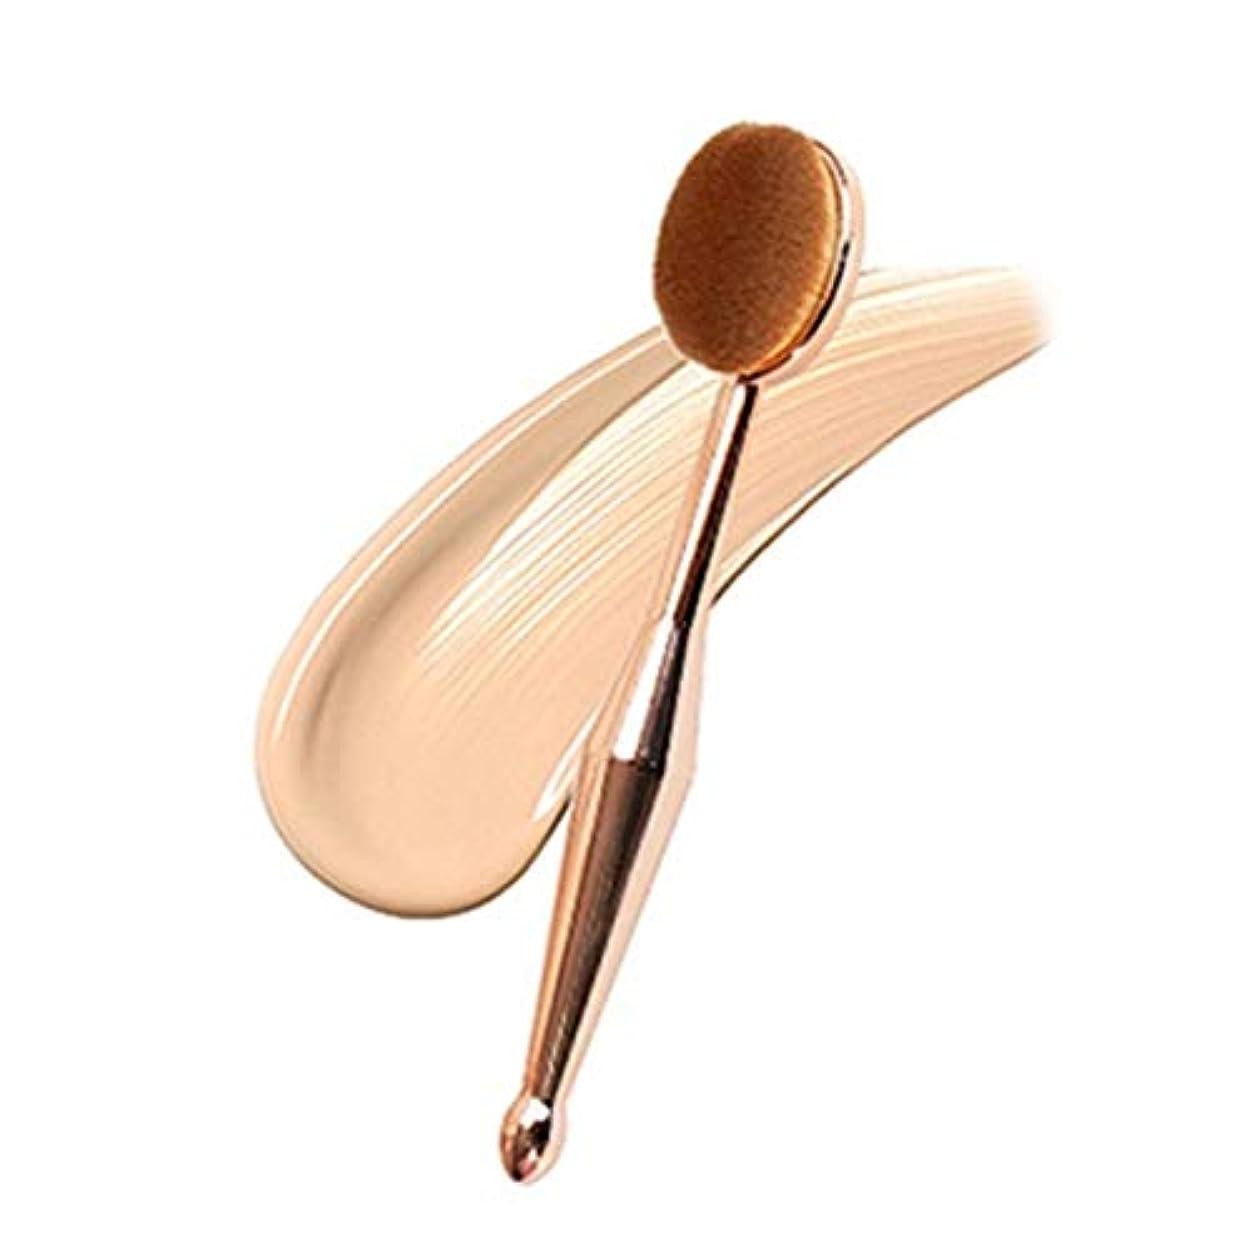 州線開梱化粧ブラシ 化粧筆 歯ブラシ型メイクブラシ ファンデーションブラシ フェイスブラシ 化粧ブラシ (1枚セット)